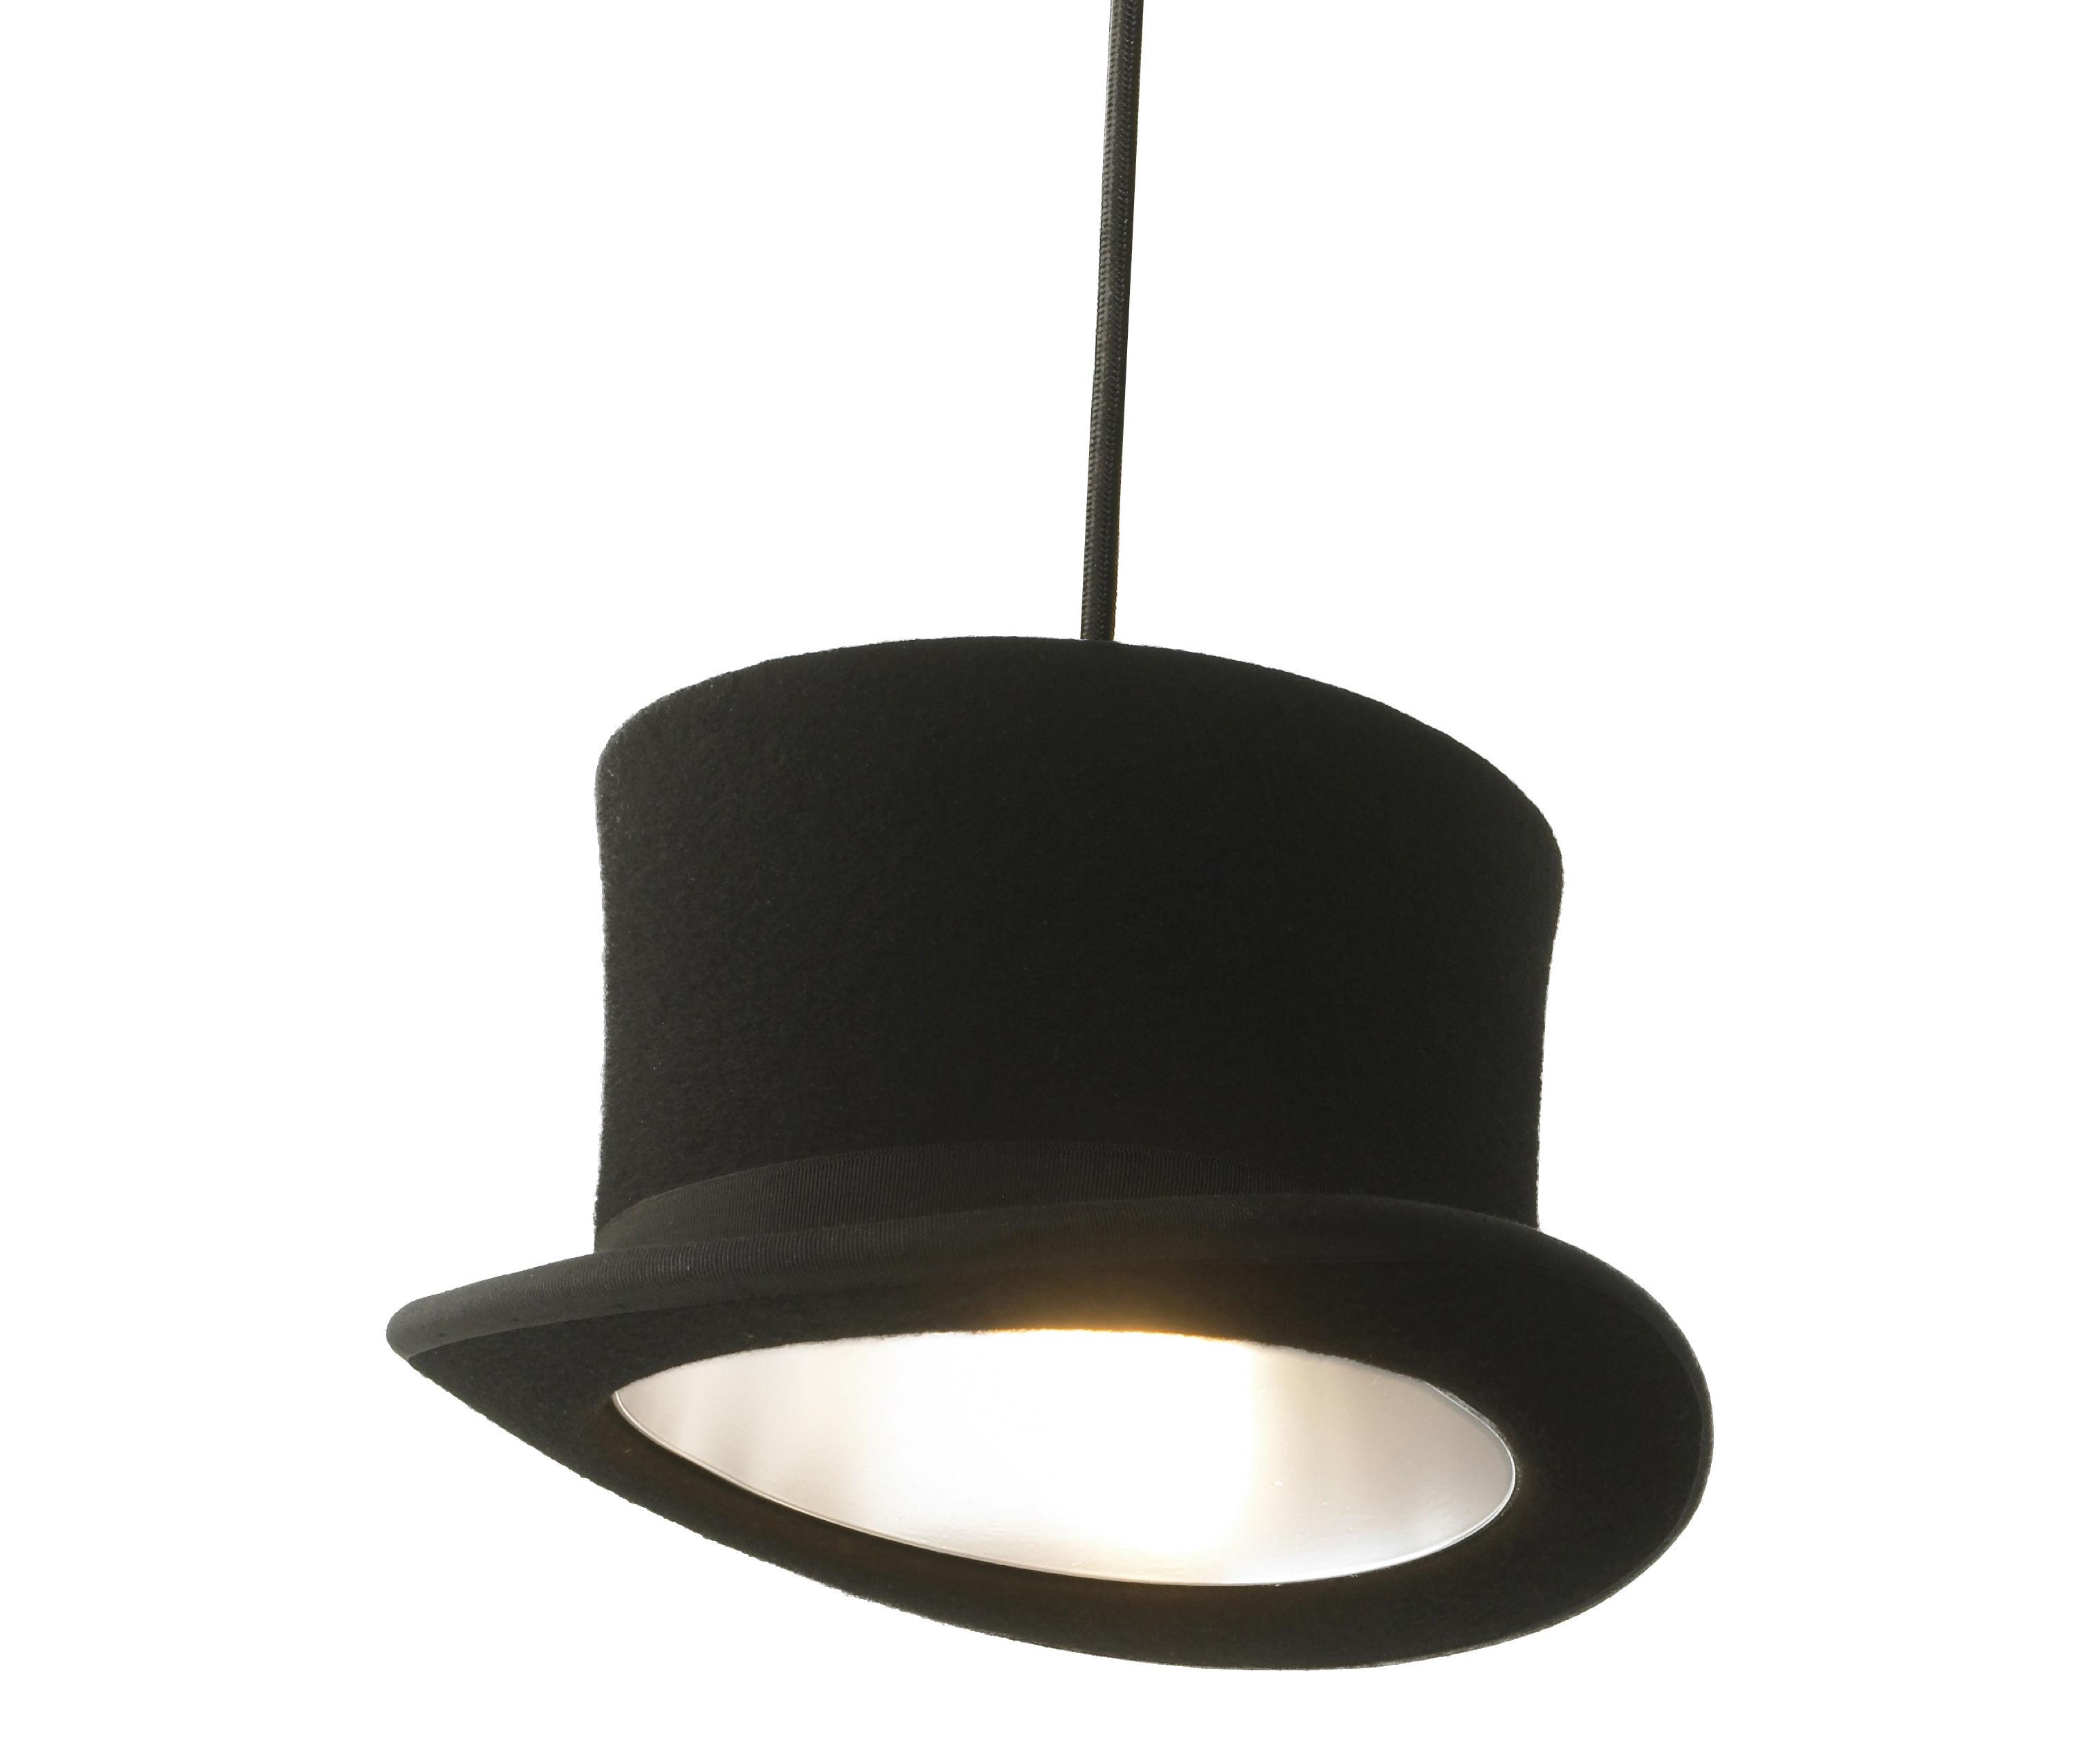 Luminaire - Suspensions - Suspension Wooster / Chapeau haut-de-forme - Innermost - Haut-de-forme - Noir / int. argent - Aluminium anodisé, Feutre de laine